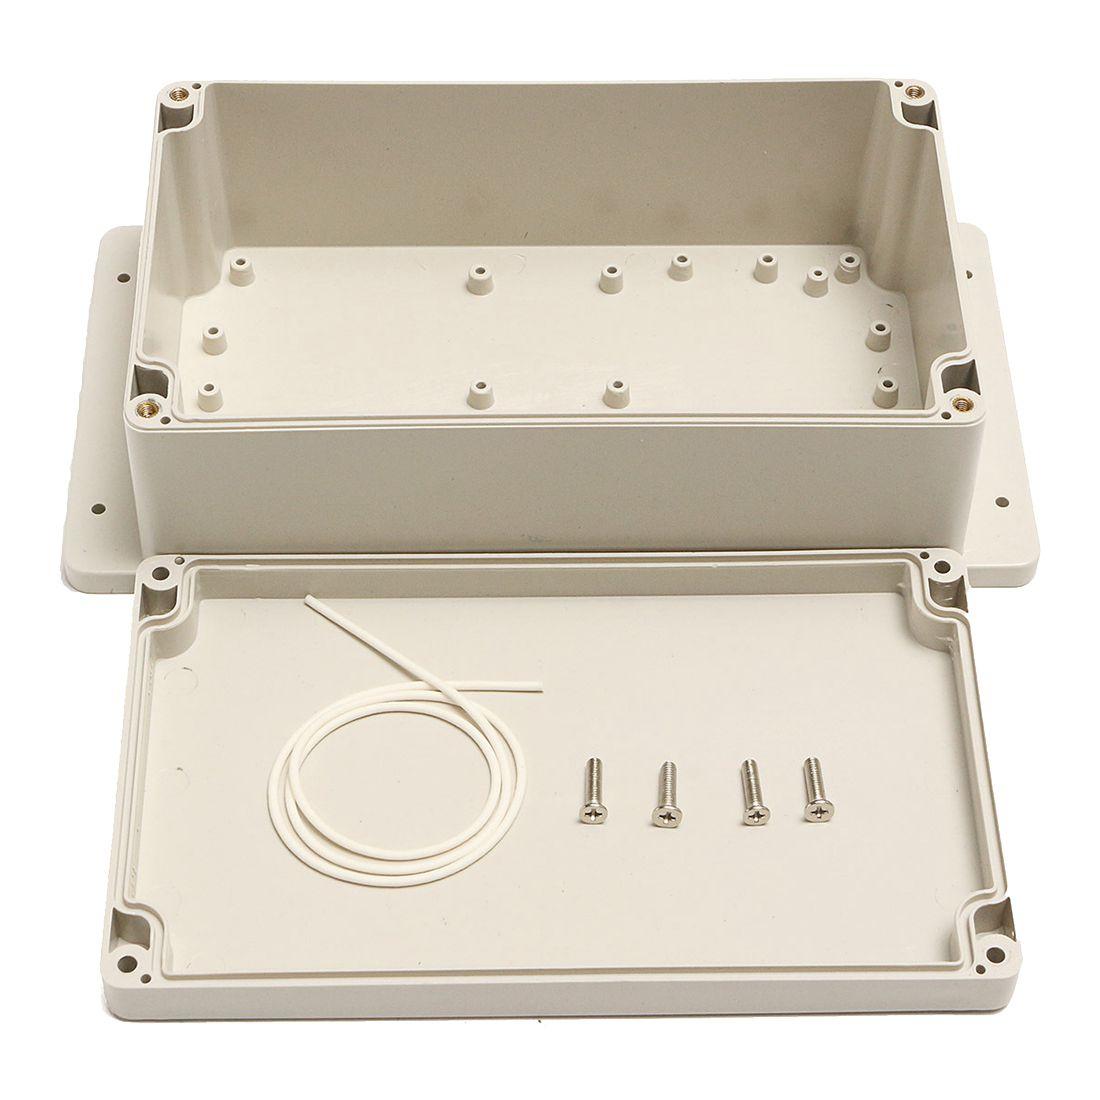 Étanche En Plastique ABS Boîtier de Projet Électronique 200x120x75mm Blanc